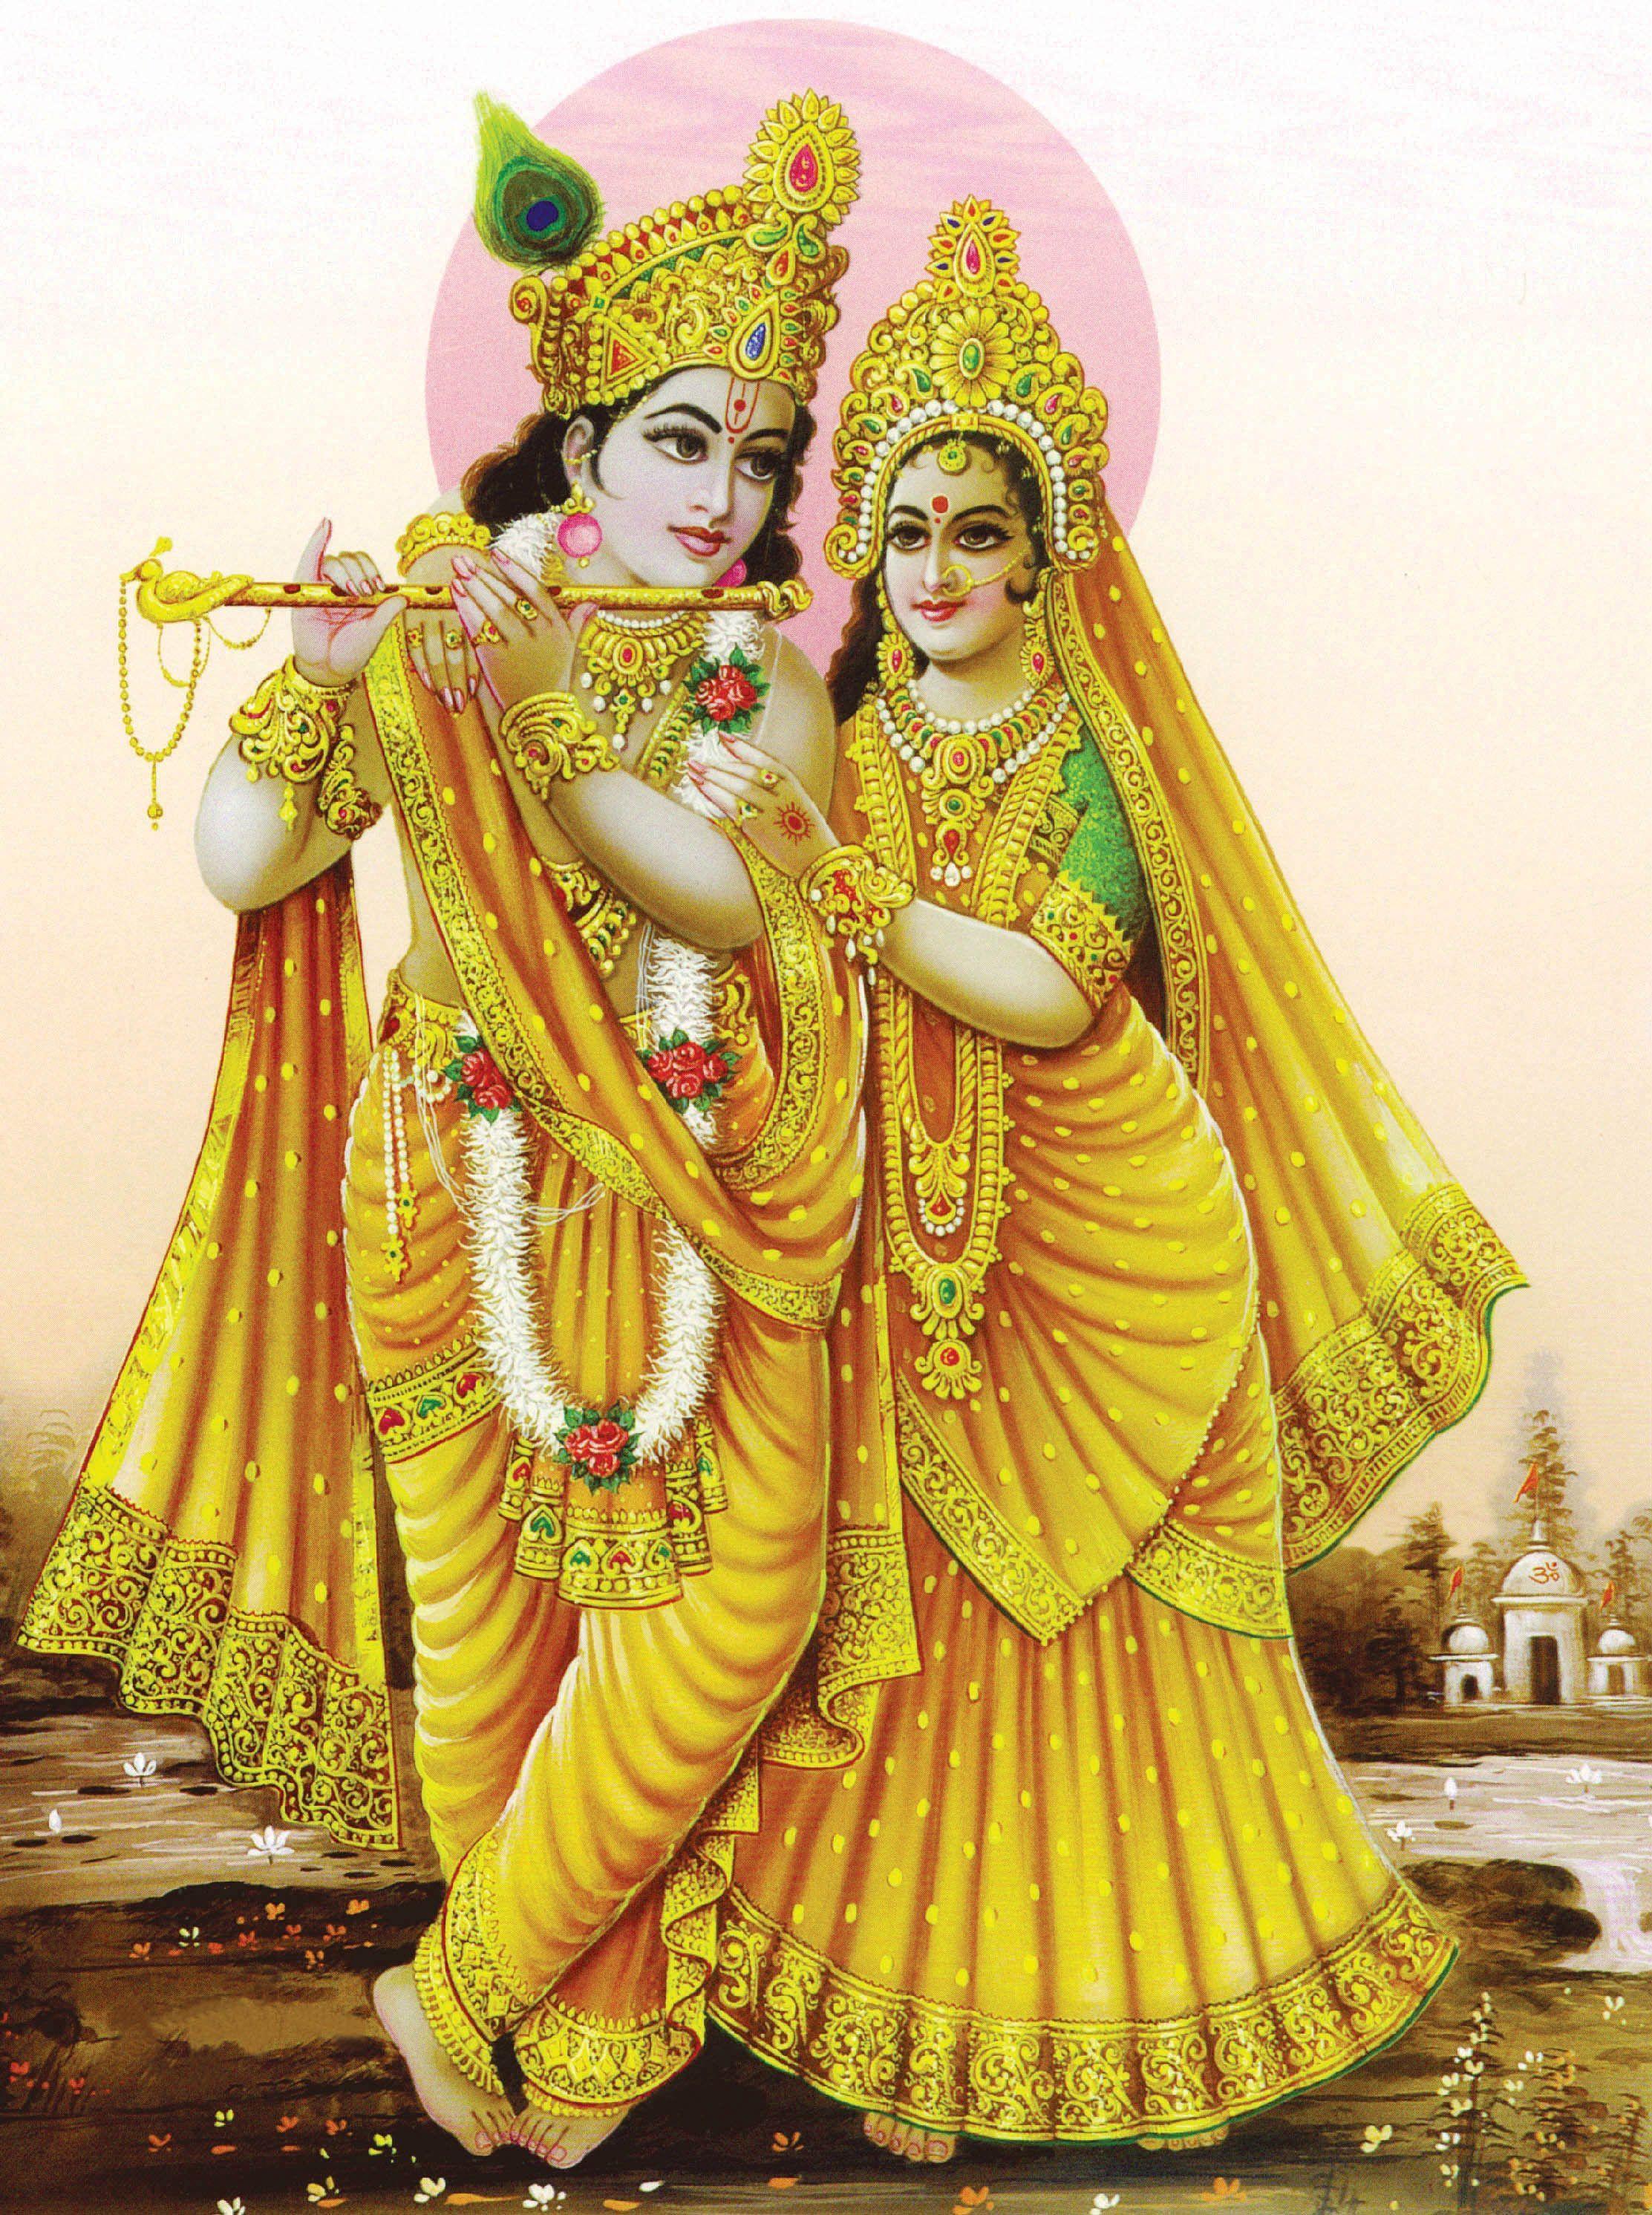 2225x2983 Hình ảnh Radha Krishna có độ phân giải cao.  Hình nền Krishna mới nhất